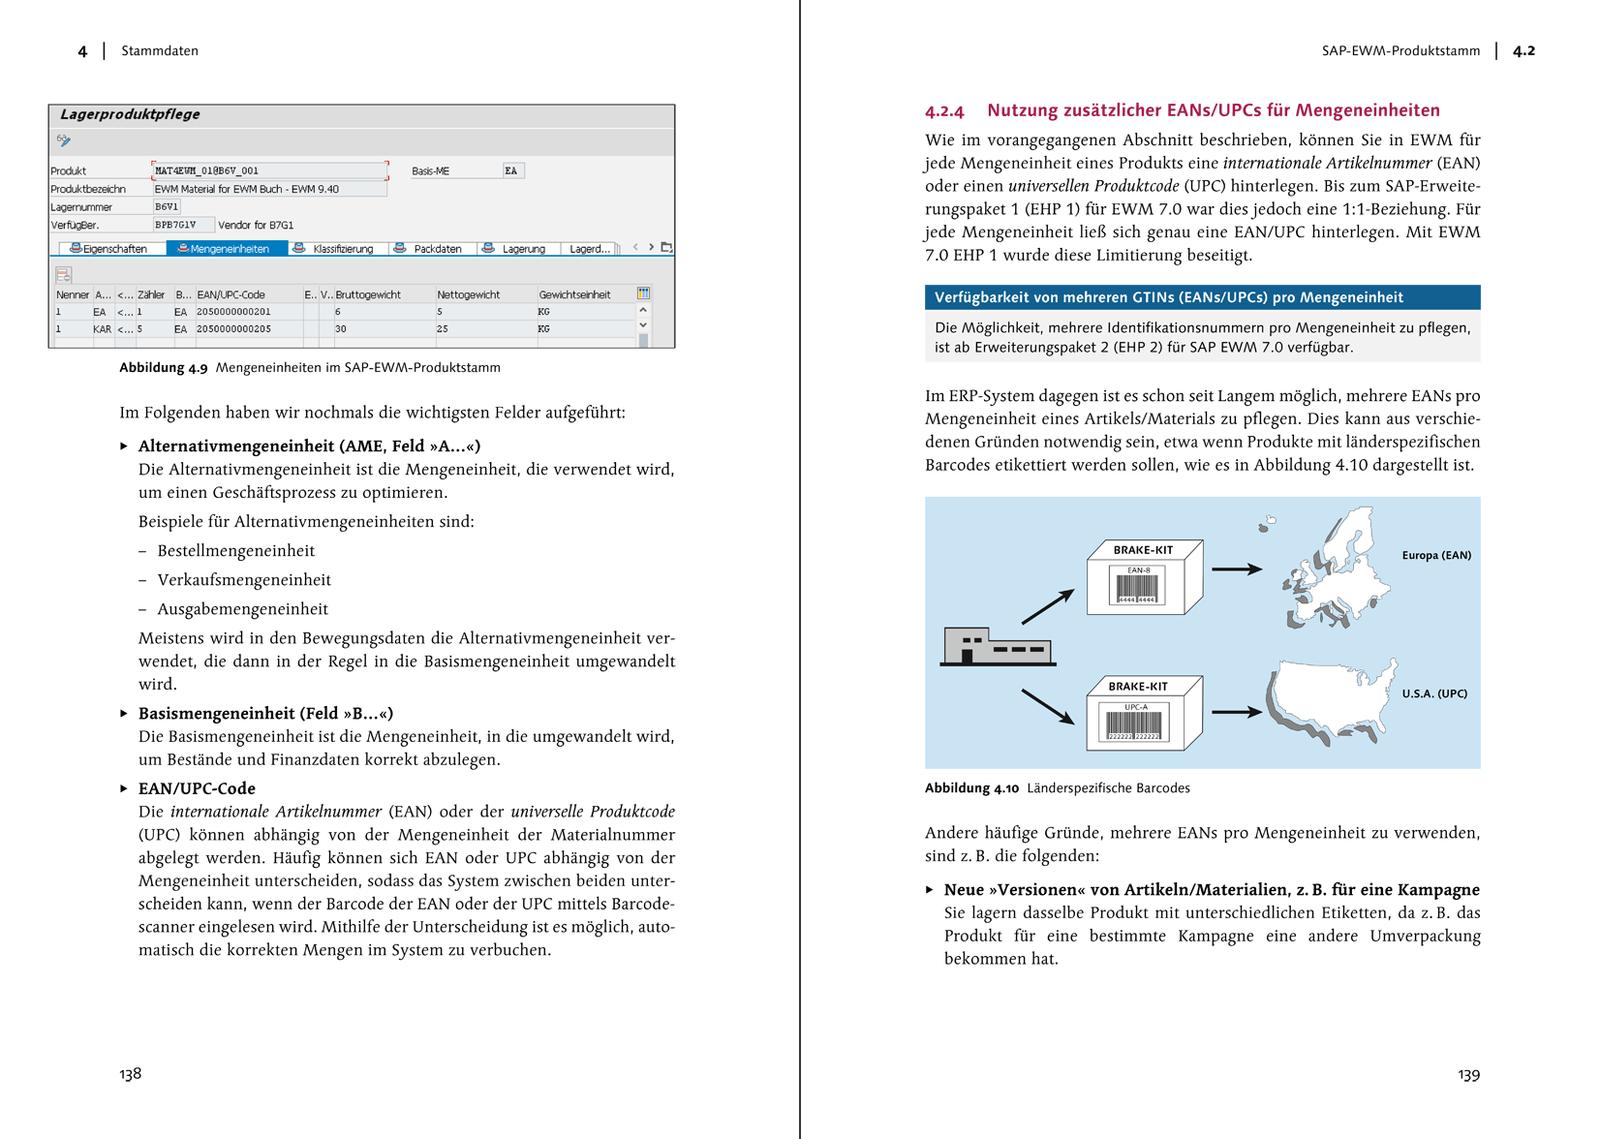 Warehouse Management mit SAP EWM - Das umfassende Handbuch